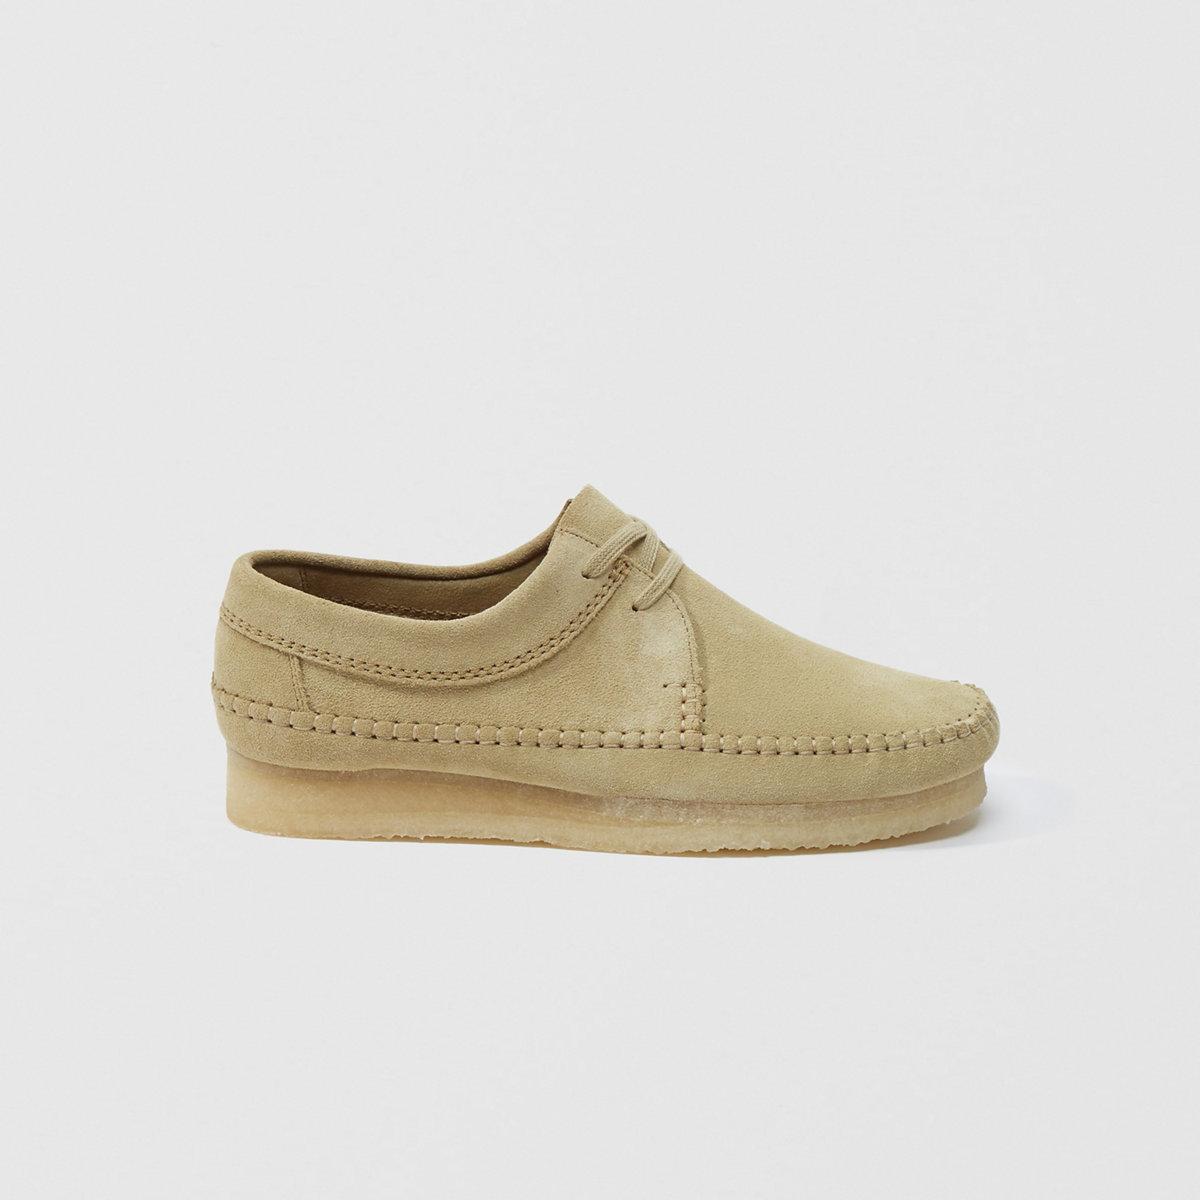 Clarks Weaver Shoe